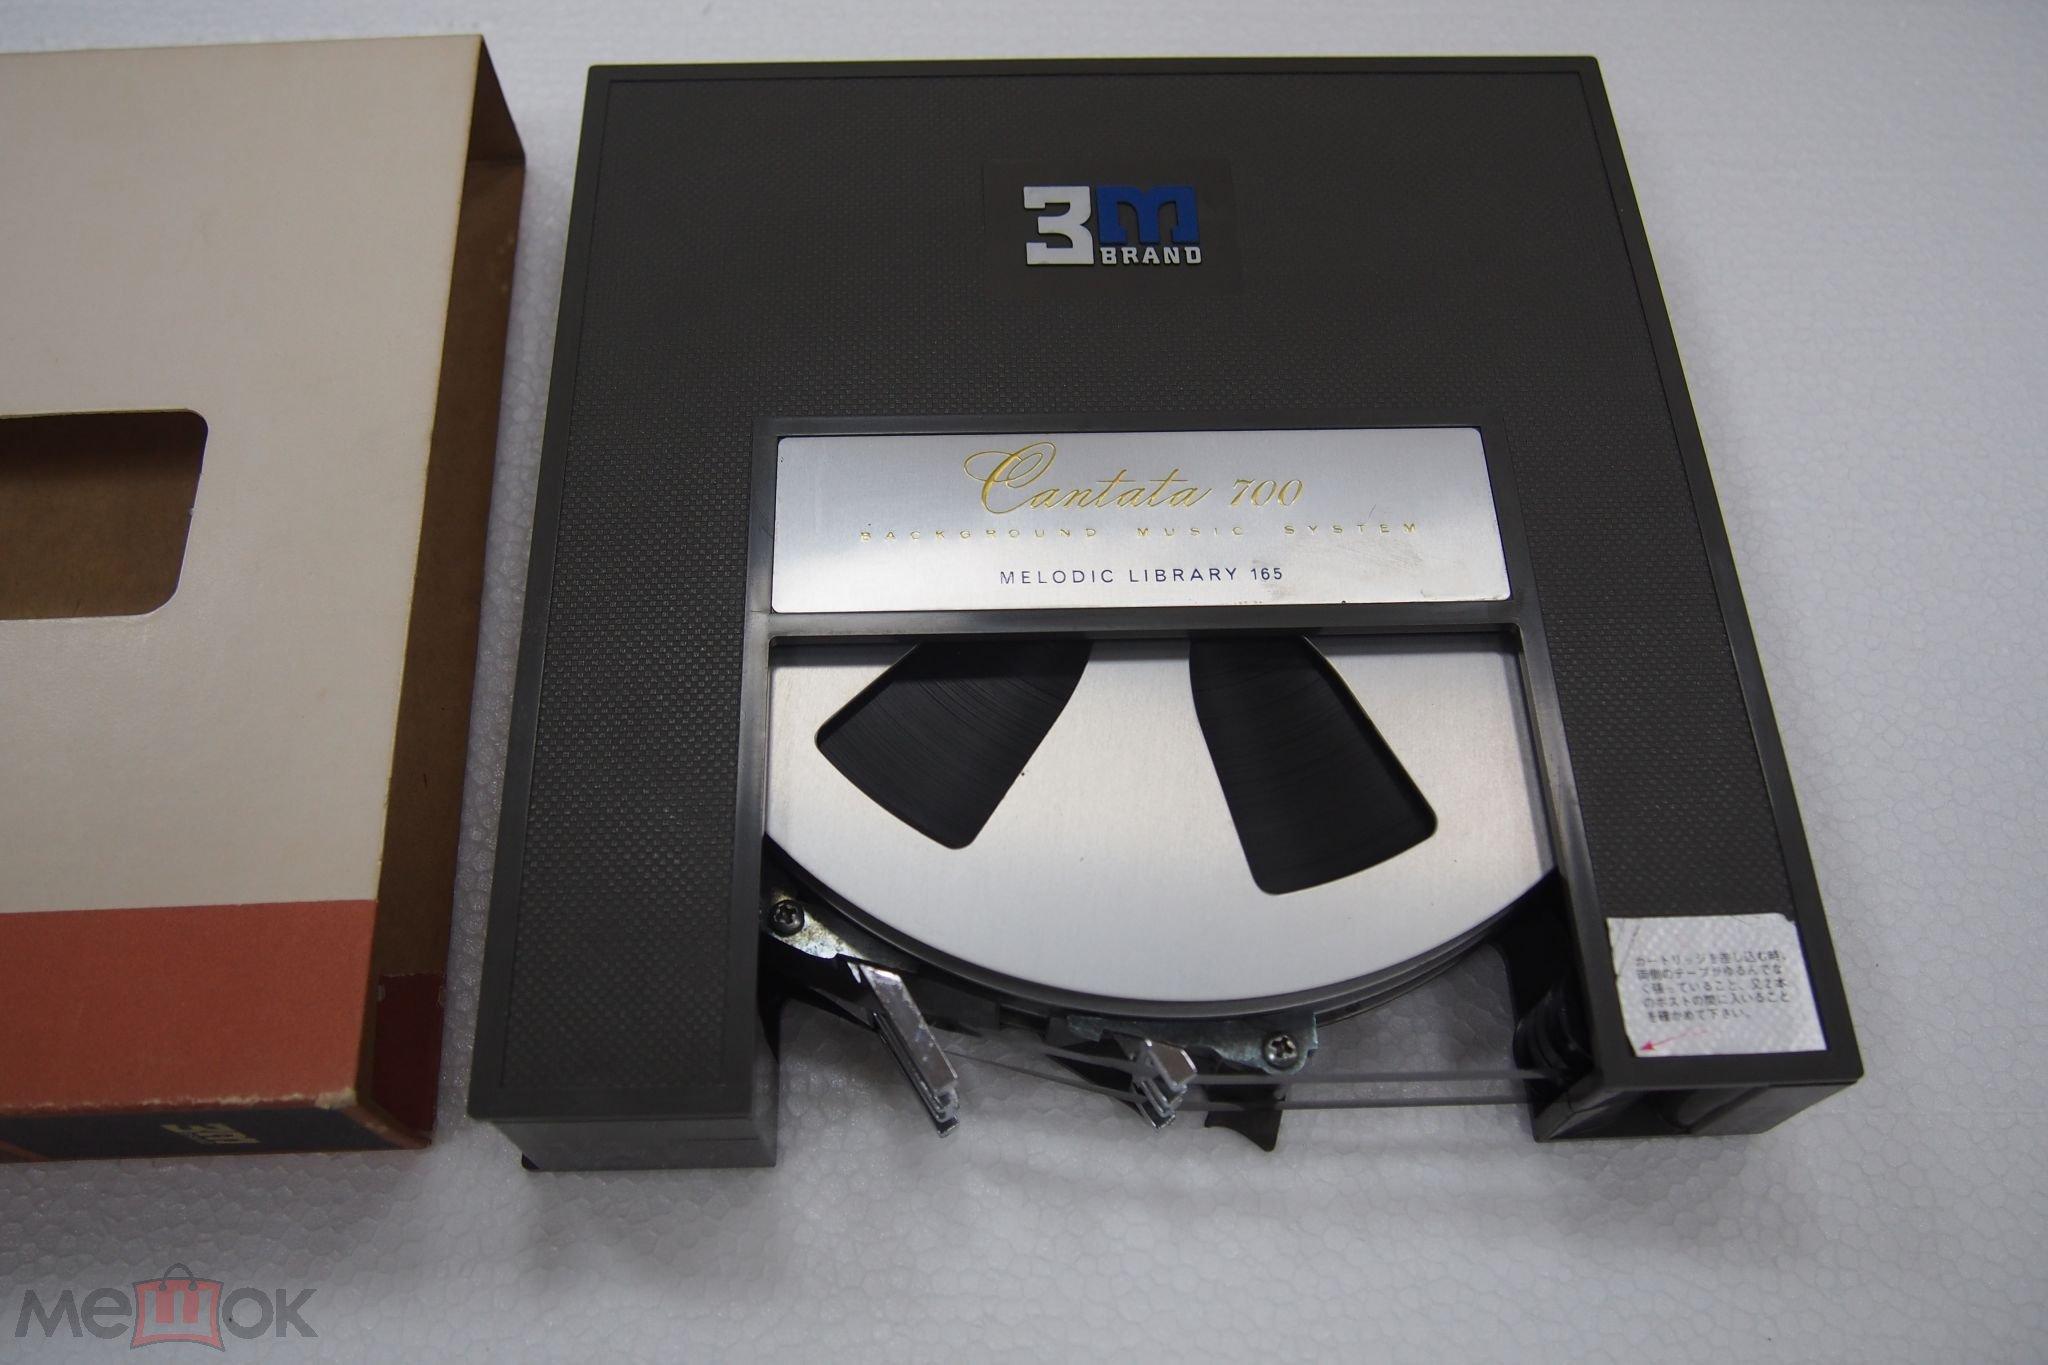 3M картридж, для катушечных дек, фирменный. Редкость. Япония.